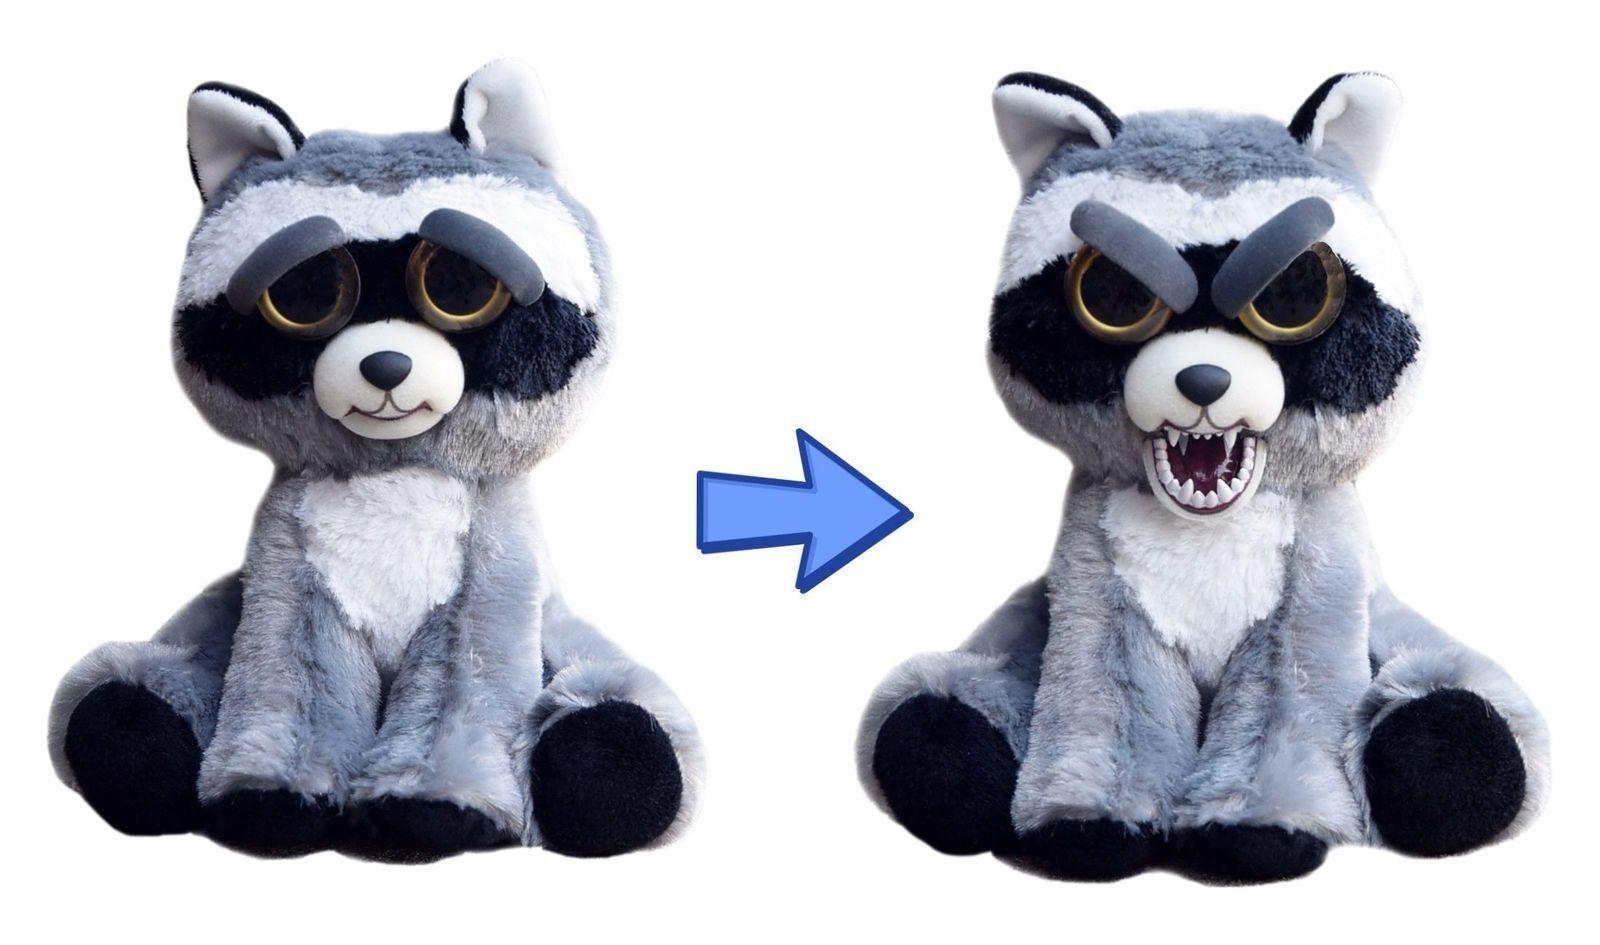 Pelúcia Guaxinim (Raccoon) (Fred Furioso): Feisty Pets (Bonzinho/Malzinho)